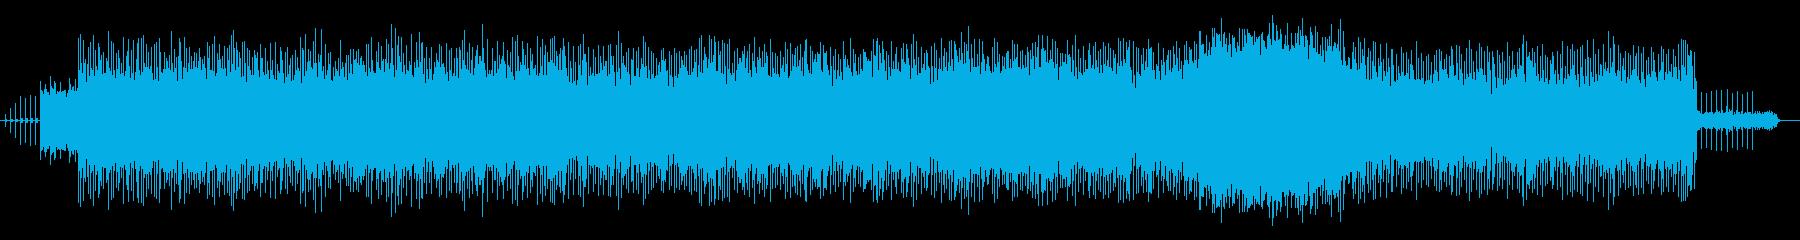 淡々と進んでいく優しいバラードポップスの再生済みの波形